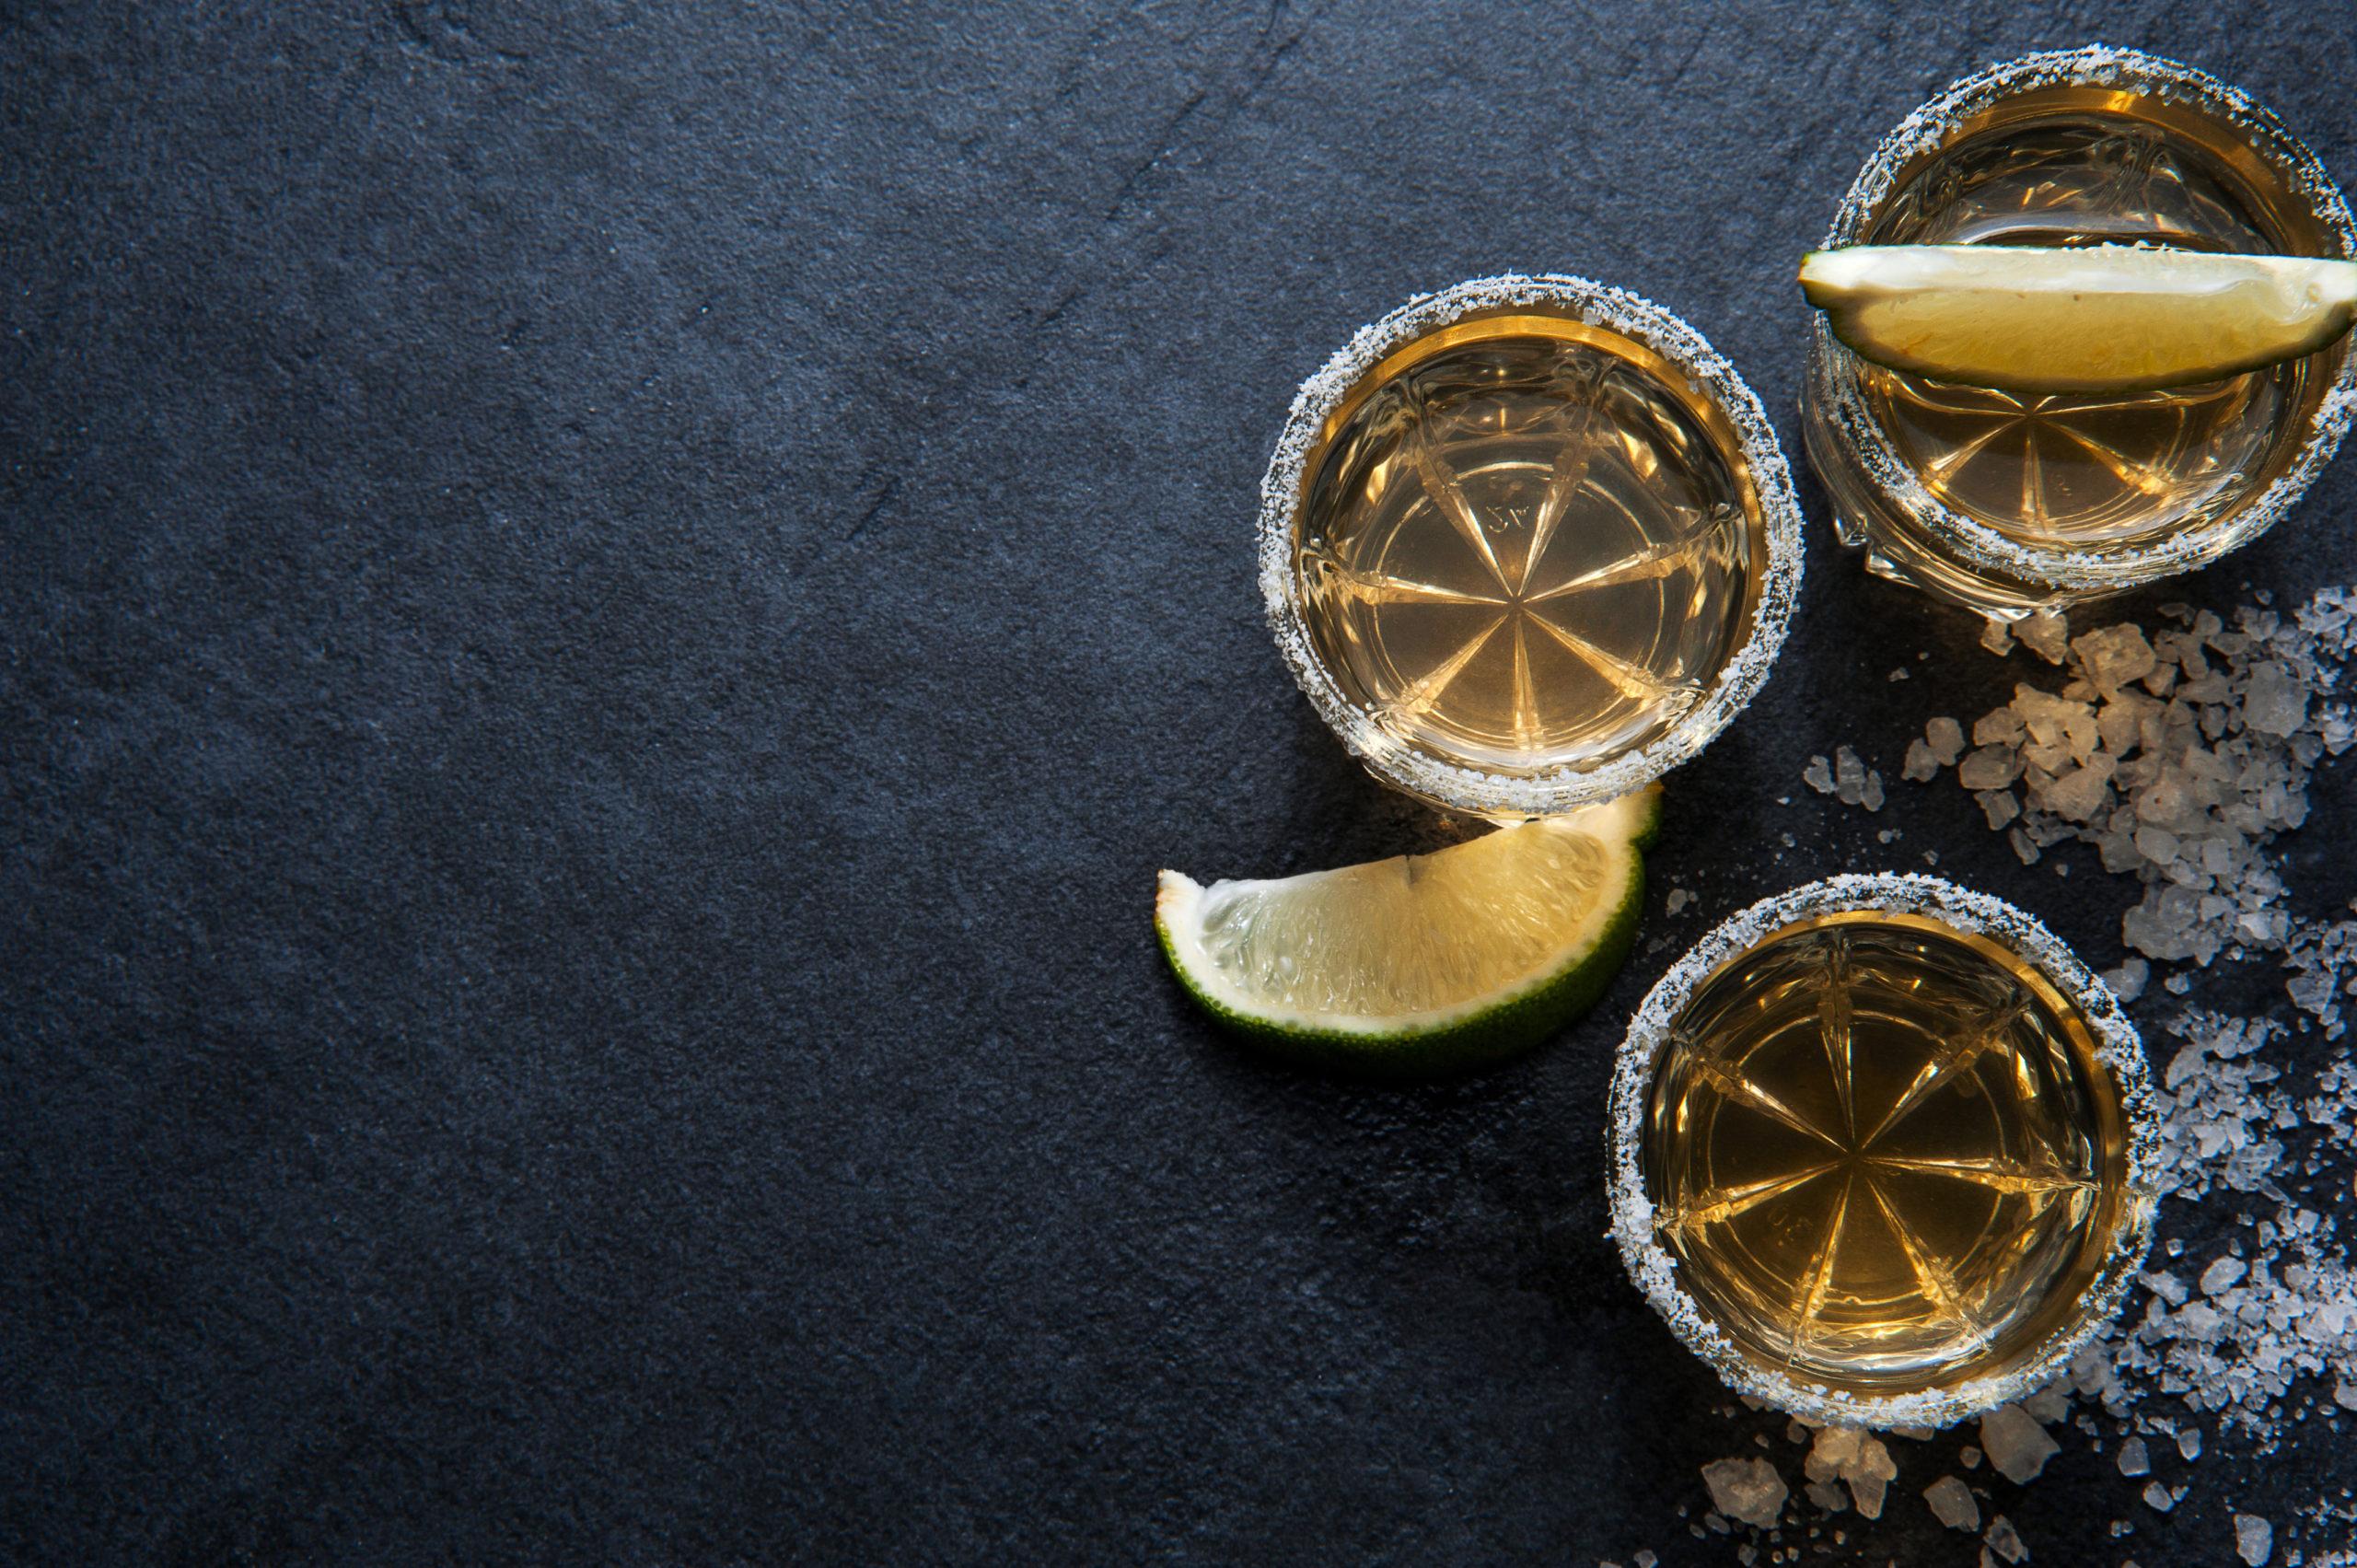 5 beneficios del tequila (para brindar con moderación)